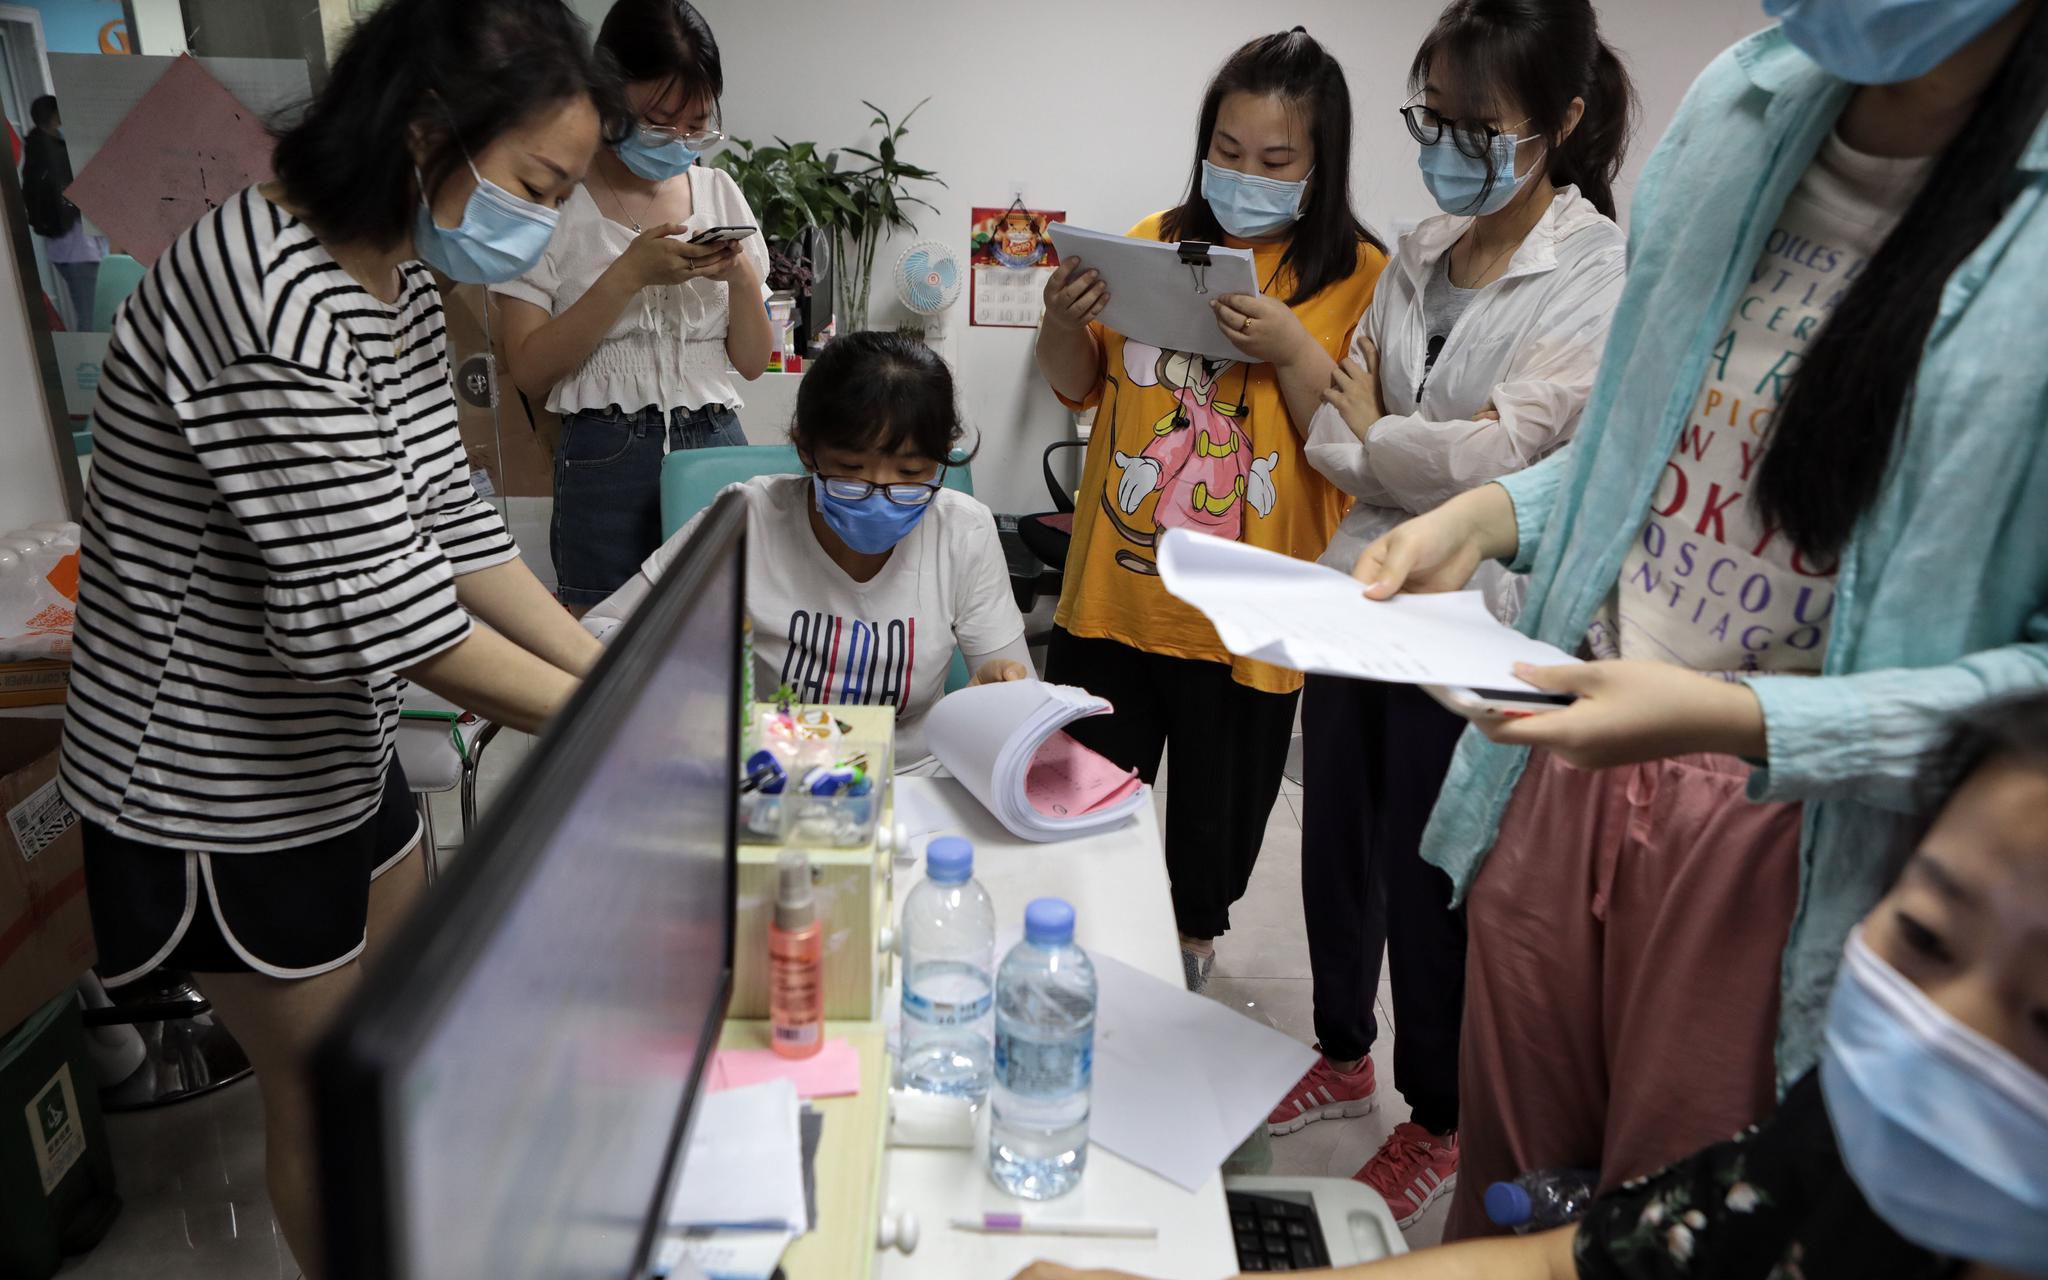 社区工作者们正在工作。   摄影/新京报记者 王嘉宁